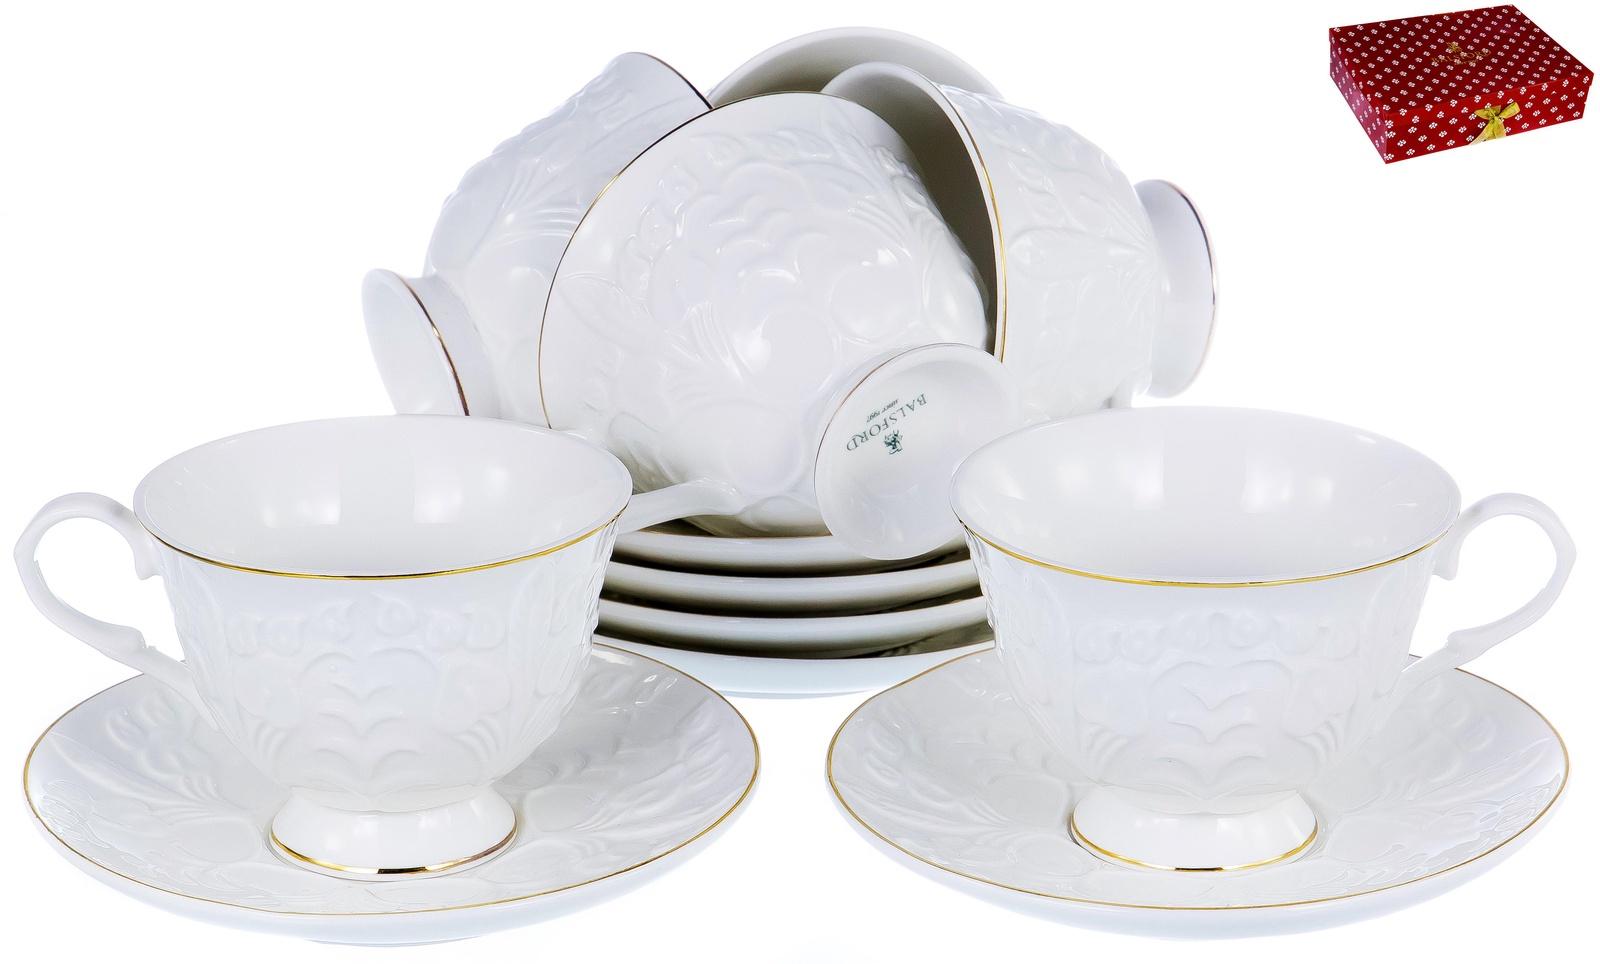 ГРАЦИЯ, набор чайный, 6 чашек 220мл, 6 блюдец, NEW BONE CHINA, белый рельефный рисунок с золотом, прямоугольная подарочная упаковка с окном и бантом, ТМ Balsford, артикул 101-30002 стоимость